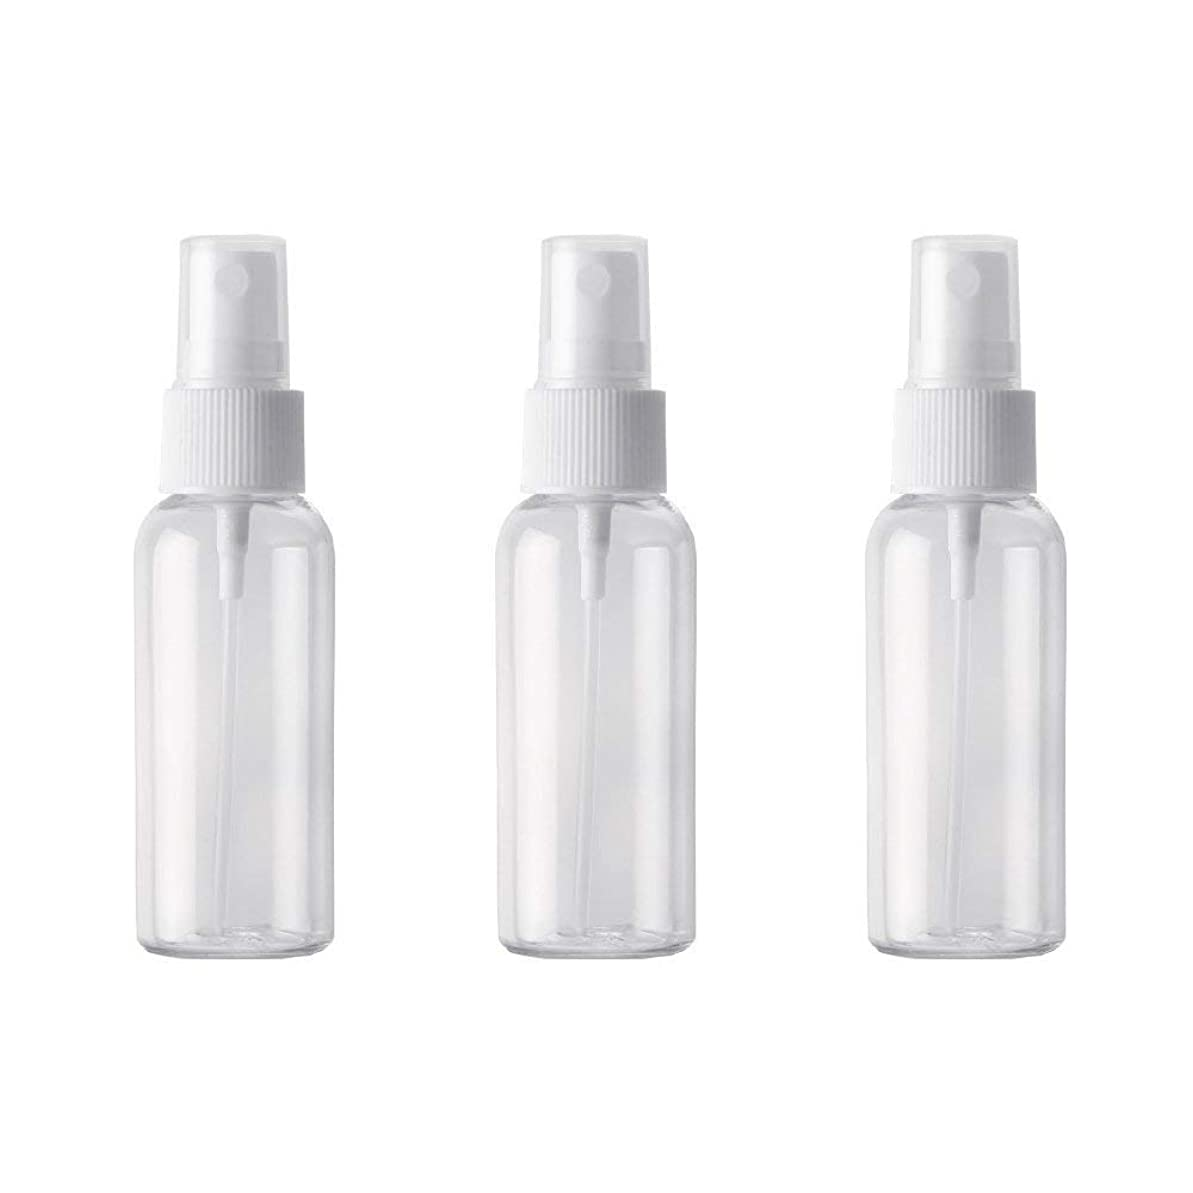 ウィザードコークスやさしく小分けボトル スプレーボトル 50ml おしゃれ 空ボトル 3本セット 環境保護の材料 PET素材 化粧水 詰替用ボトル 旅行用品